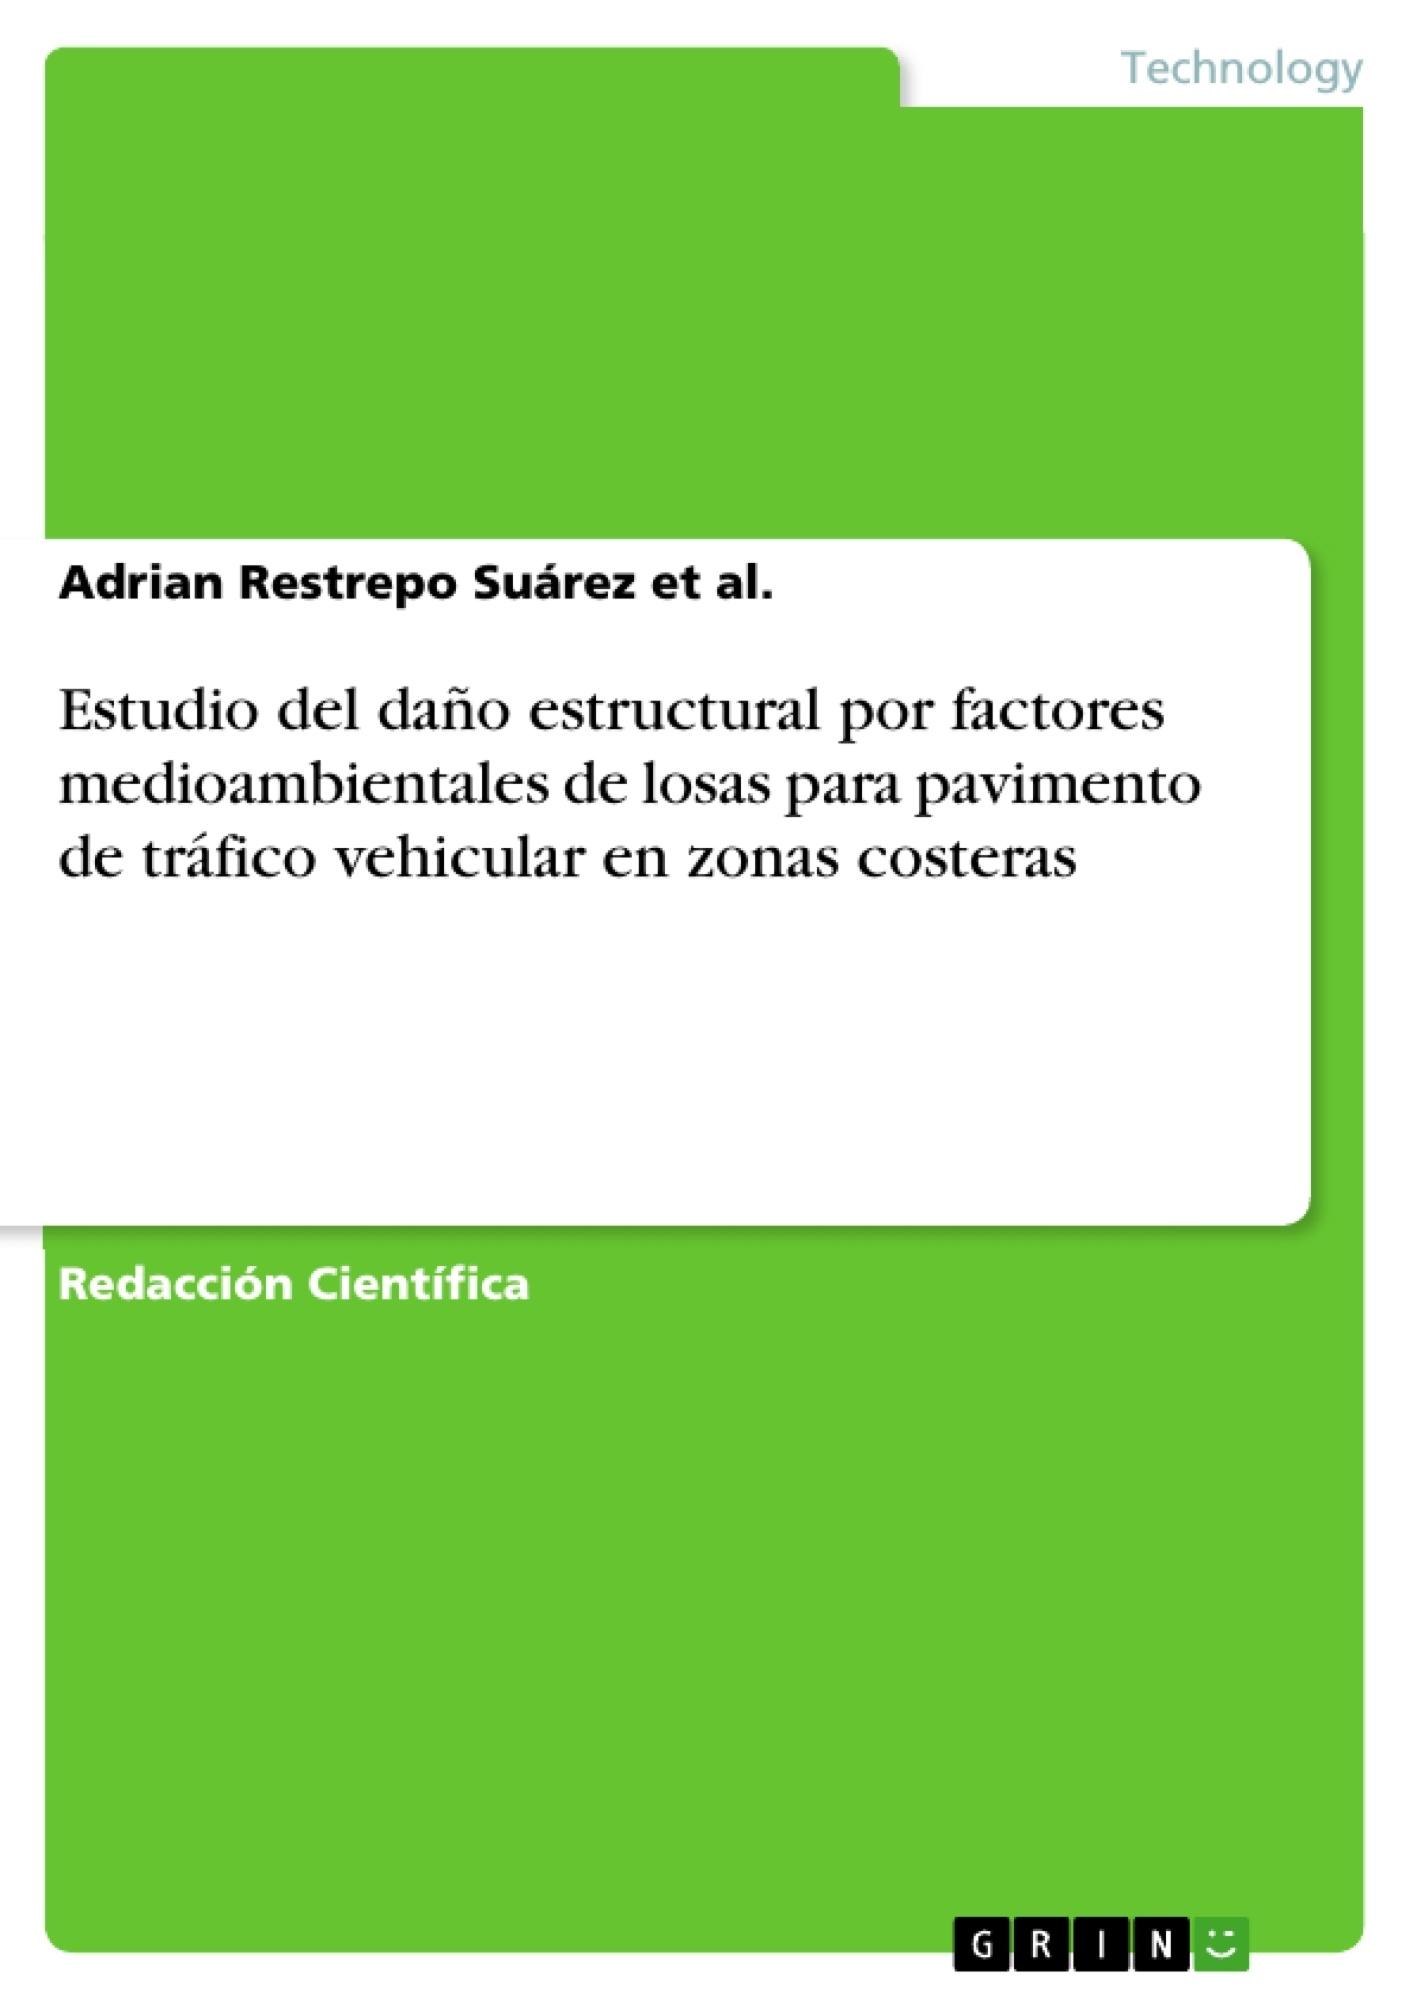 Título: Estudio del daño estructural por factores medioambientales de losas para pavimento de tráfico vehicular en zonas costeras